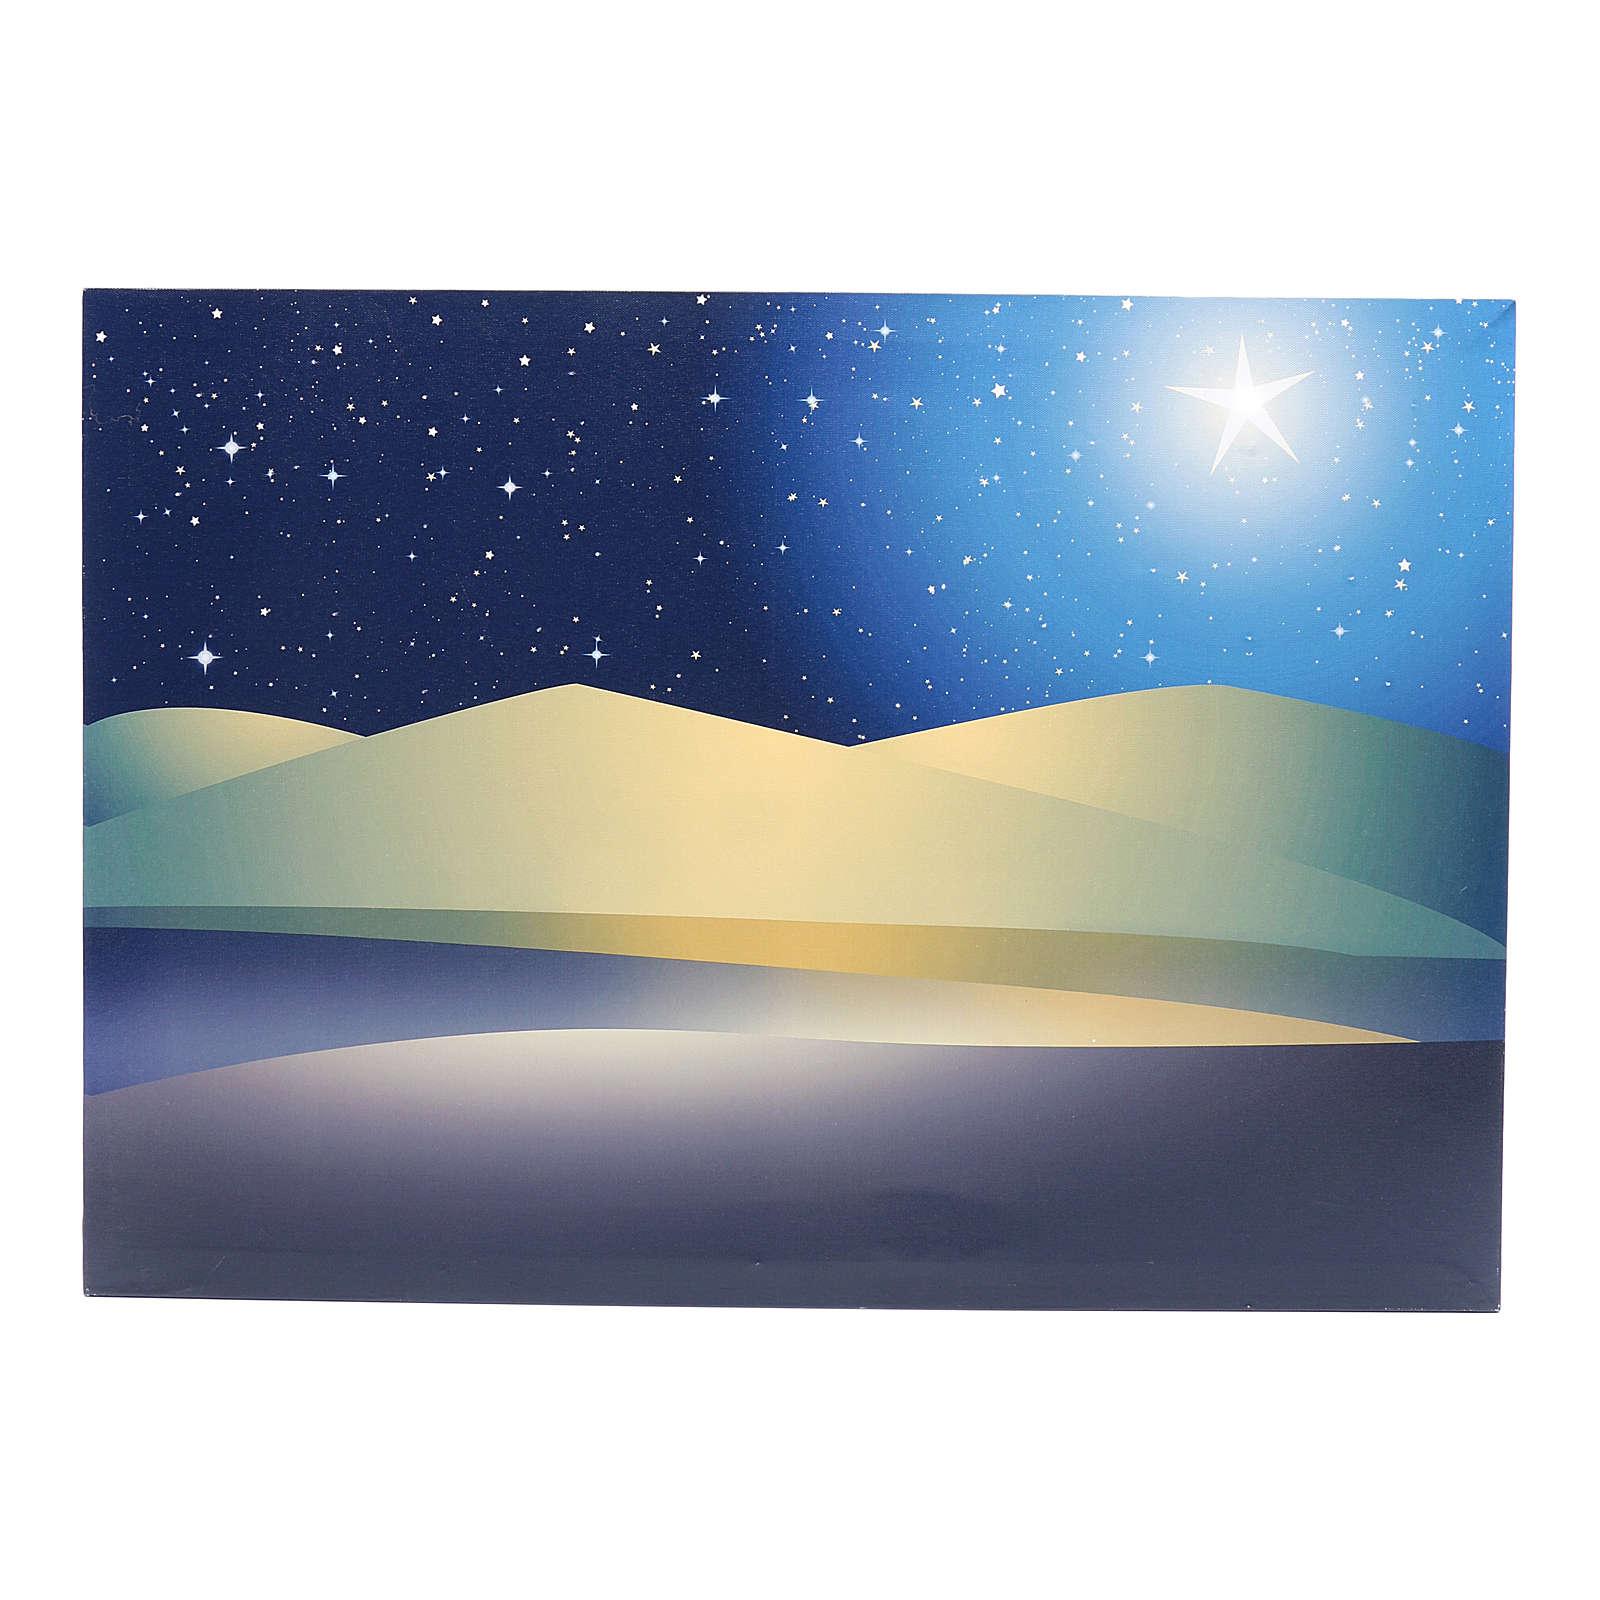 Toile de fond étoiles illuminées leds 50x70 cm 4